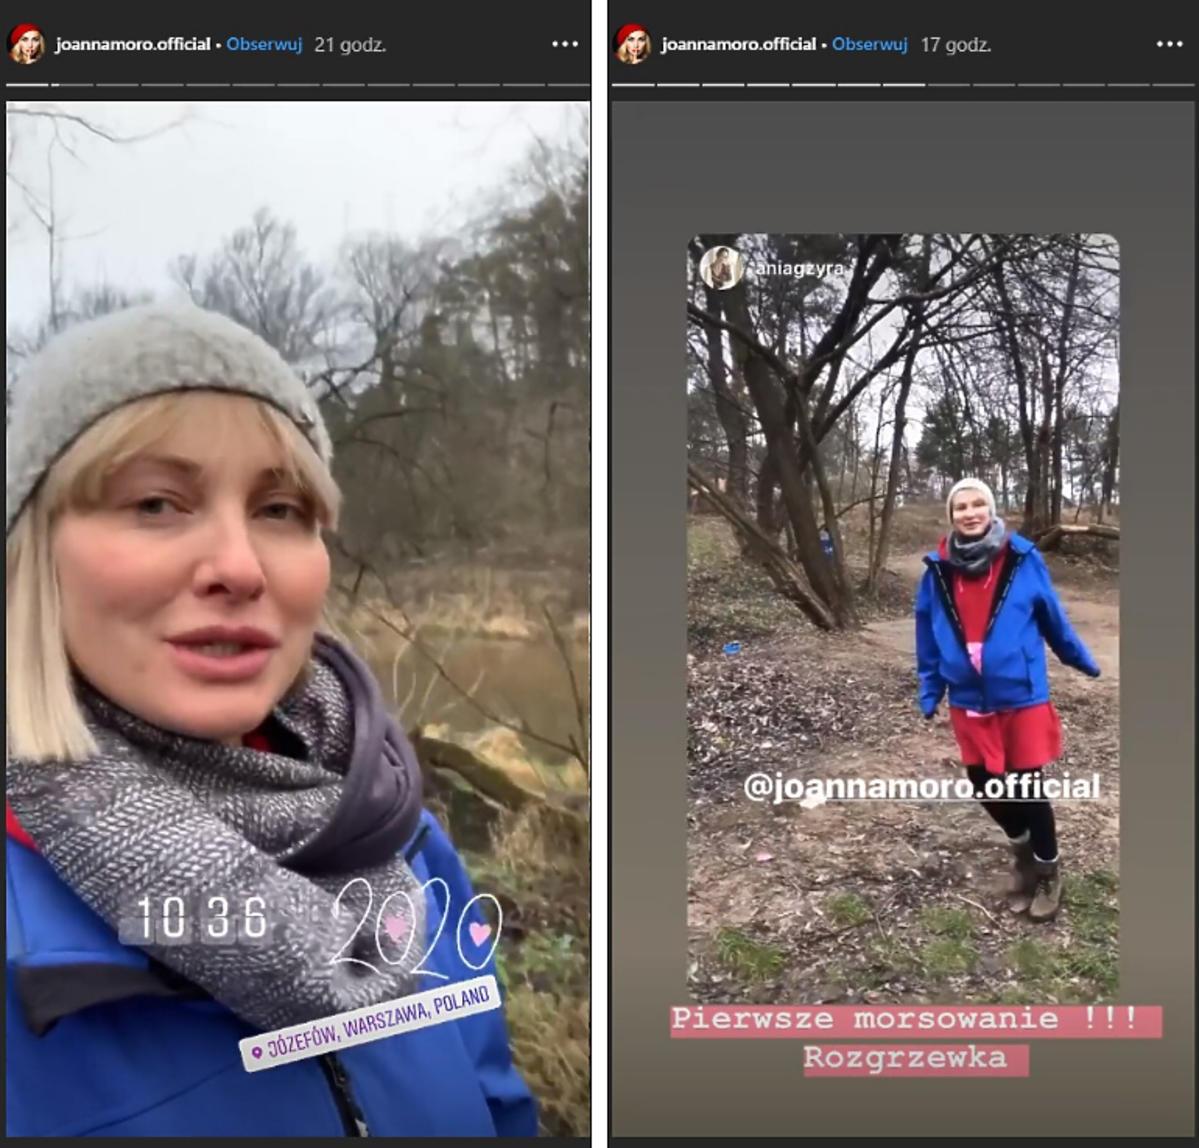 Joanna Moro pierwszy spacer w 2020 roku